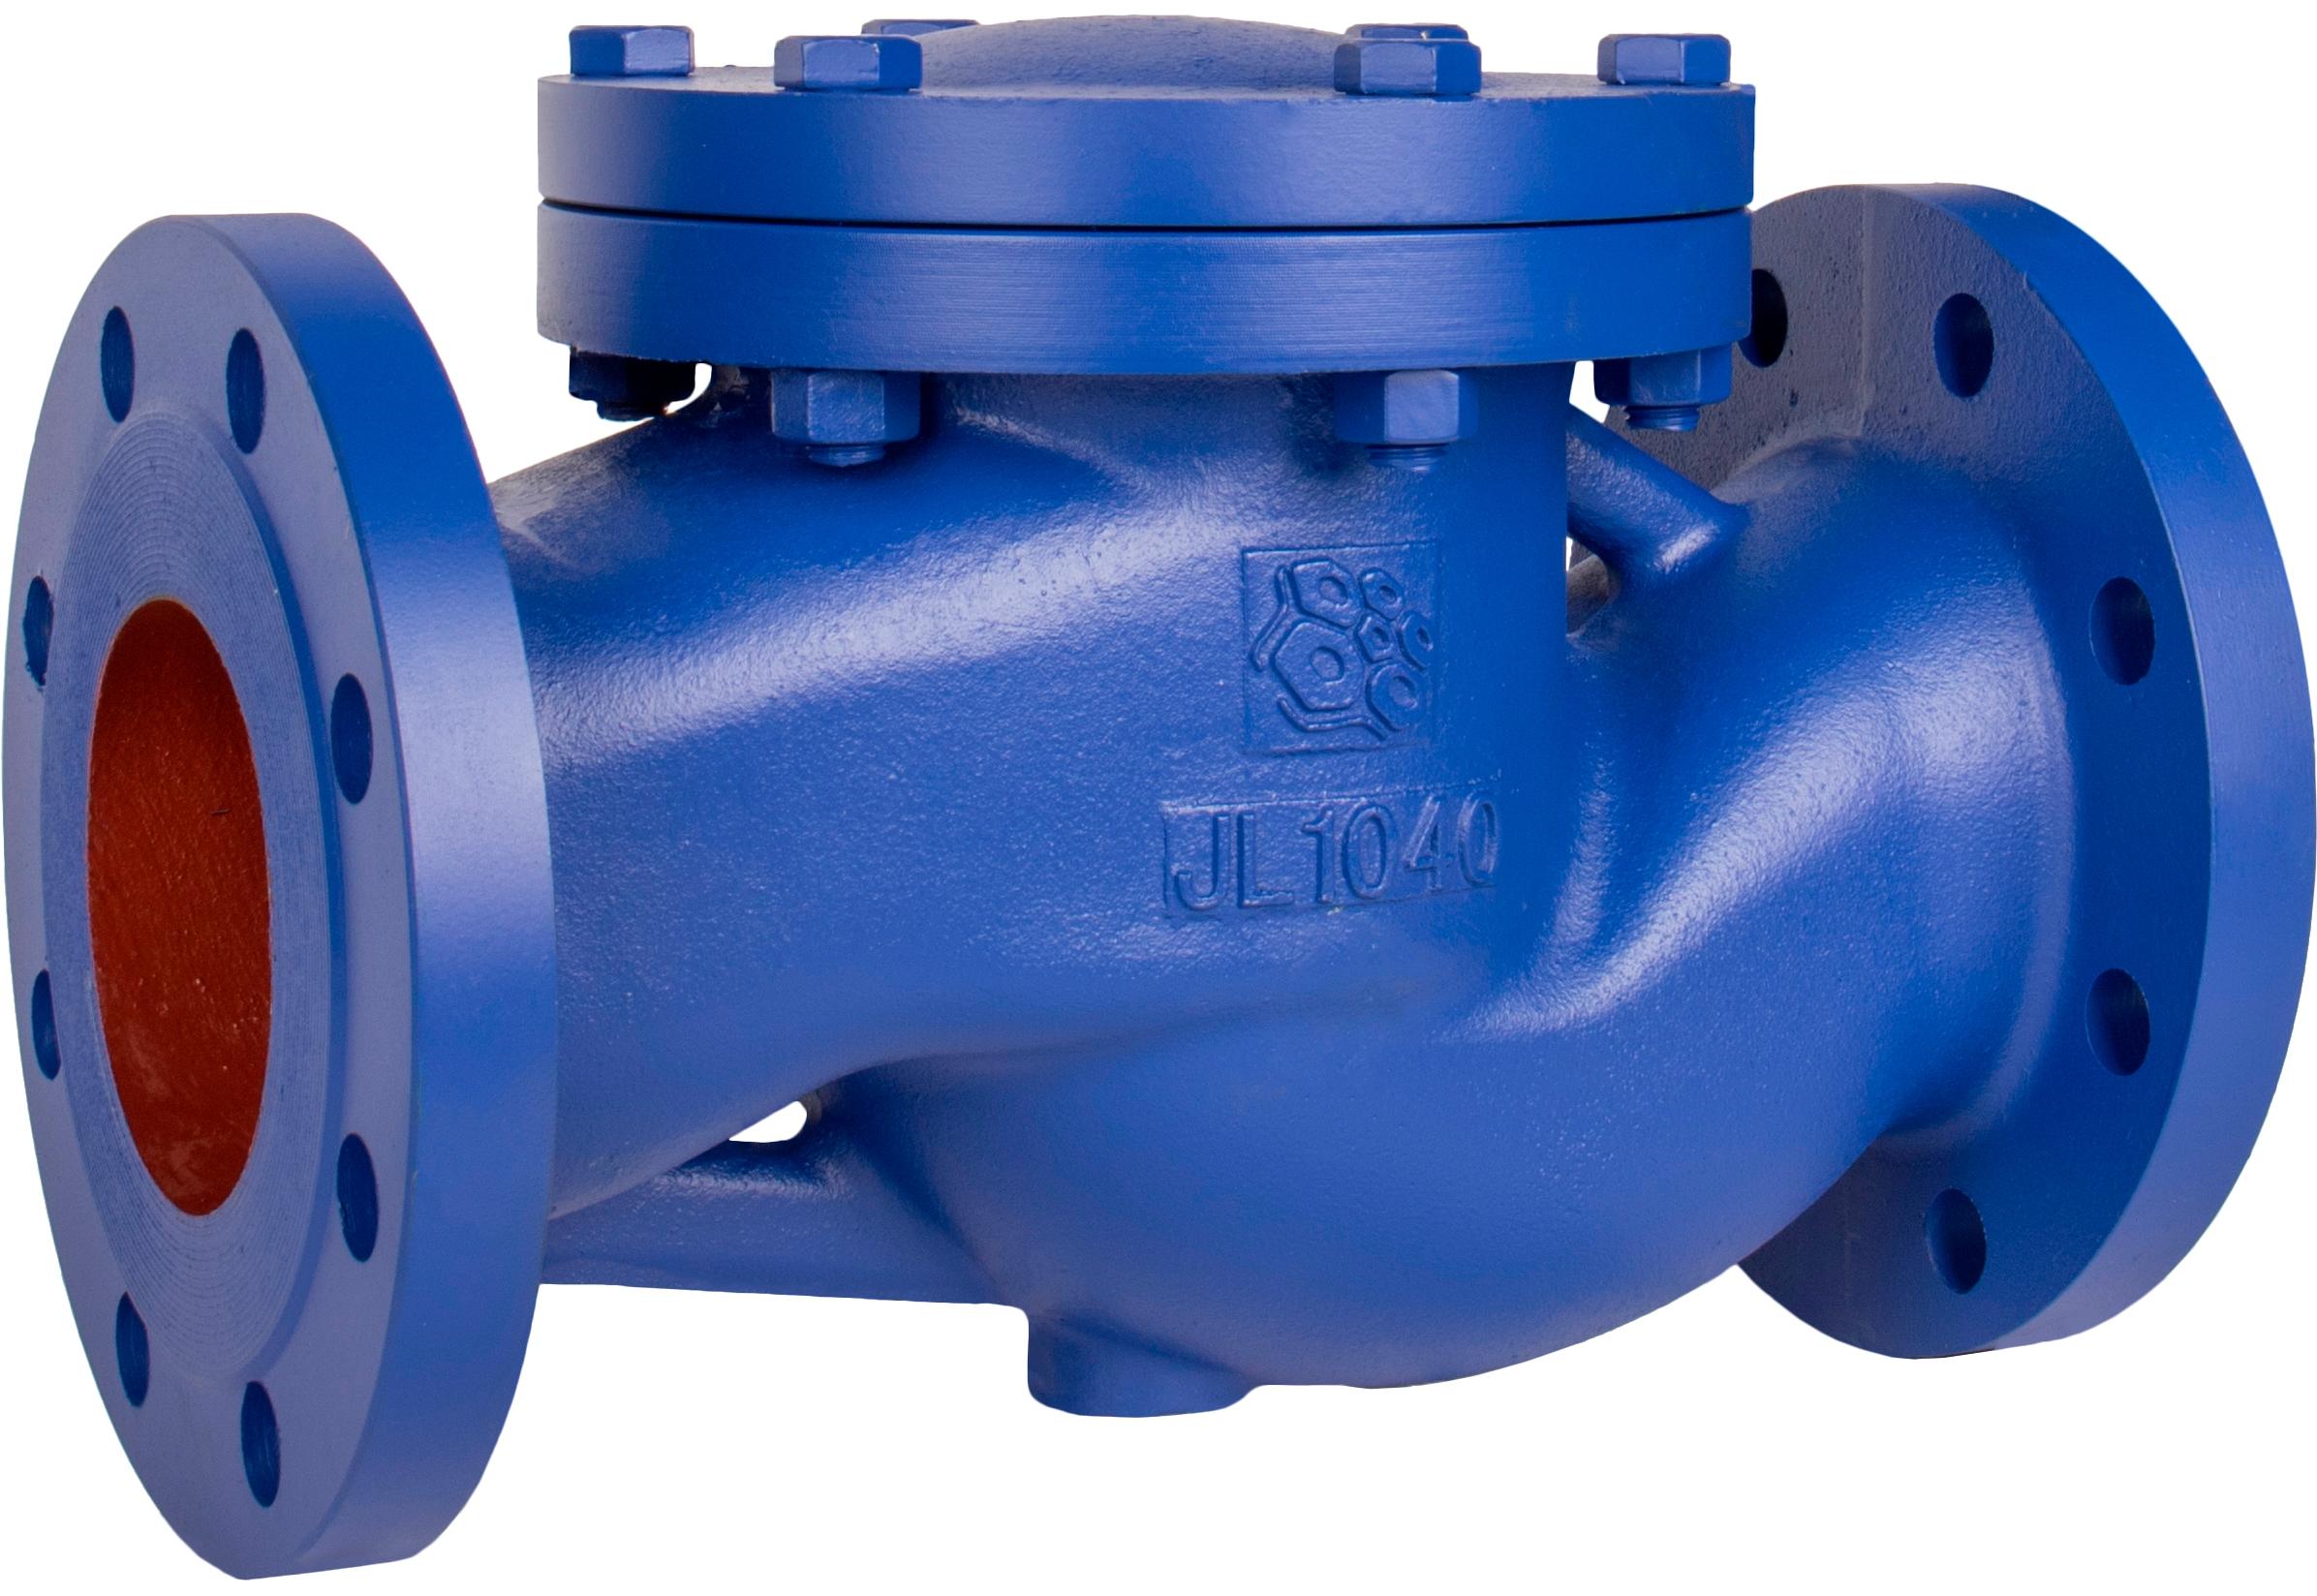 Клапан обратный подъемный чугунный фланцевый Rushwork 487-050-16 DN50 PN16